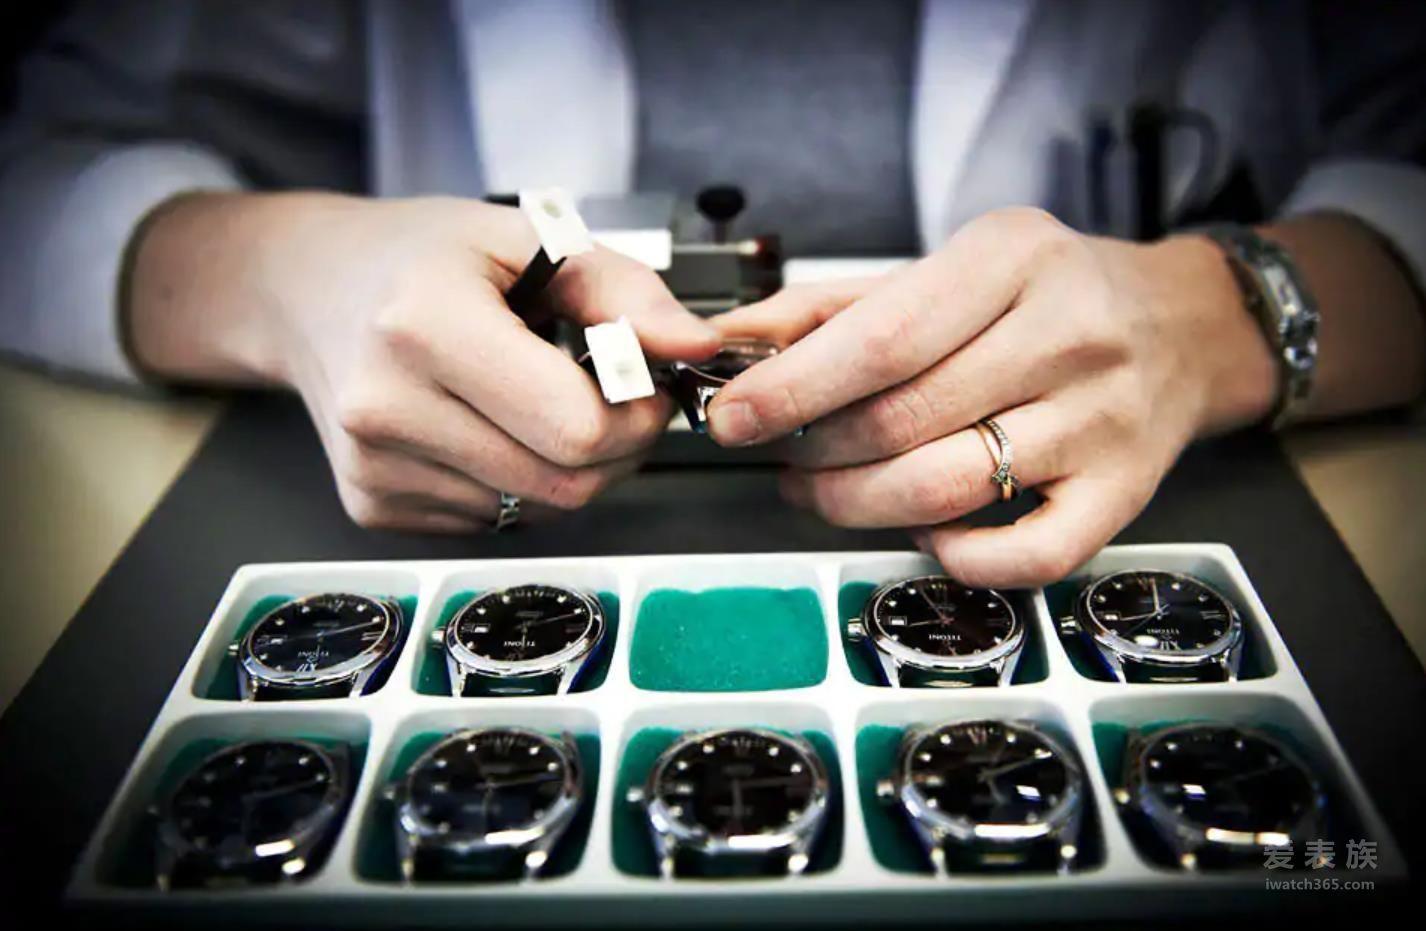 手表制造必须在瑞士进行最终检查。